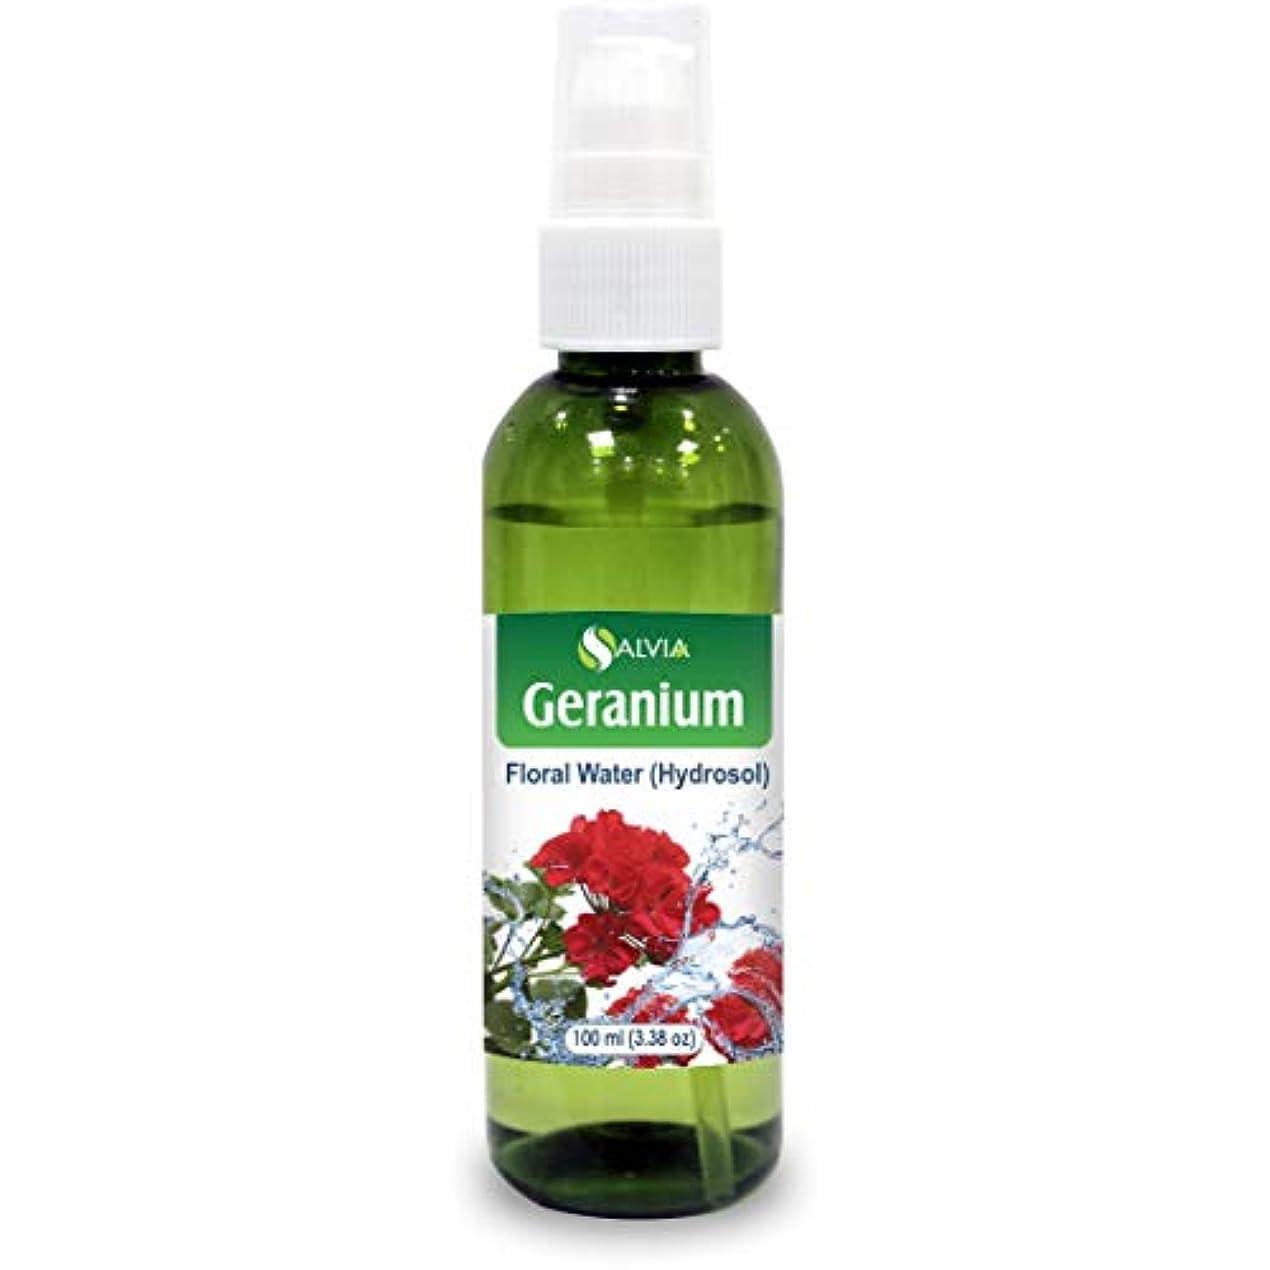 個人的な賃金取り消すGeranium Floral Water 100ml (Hydrosol) 100% Pure And Natural